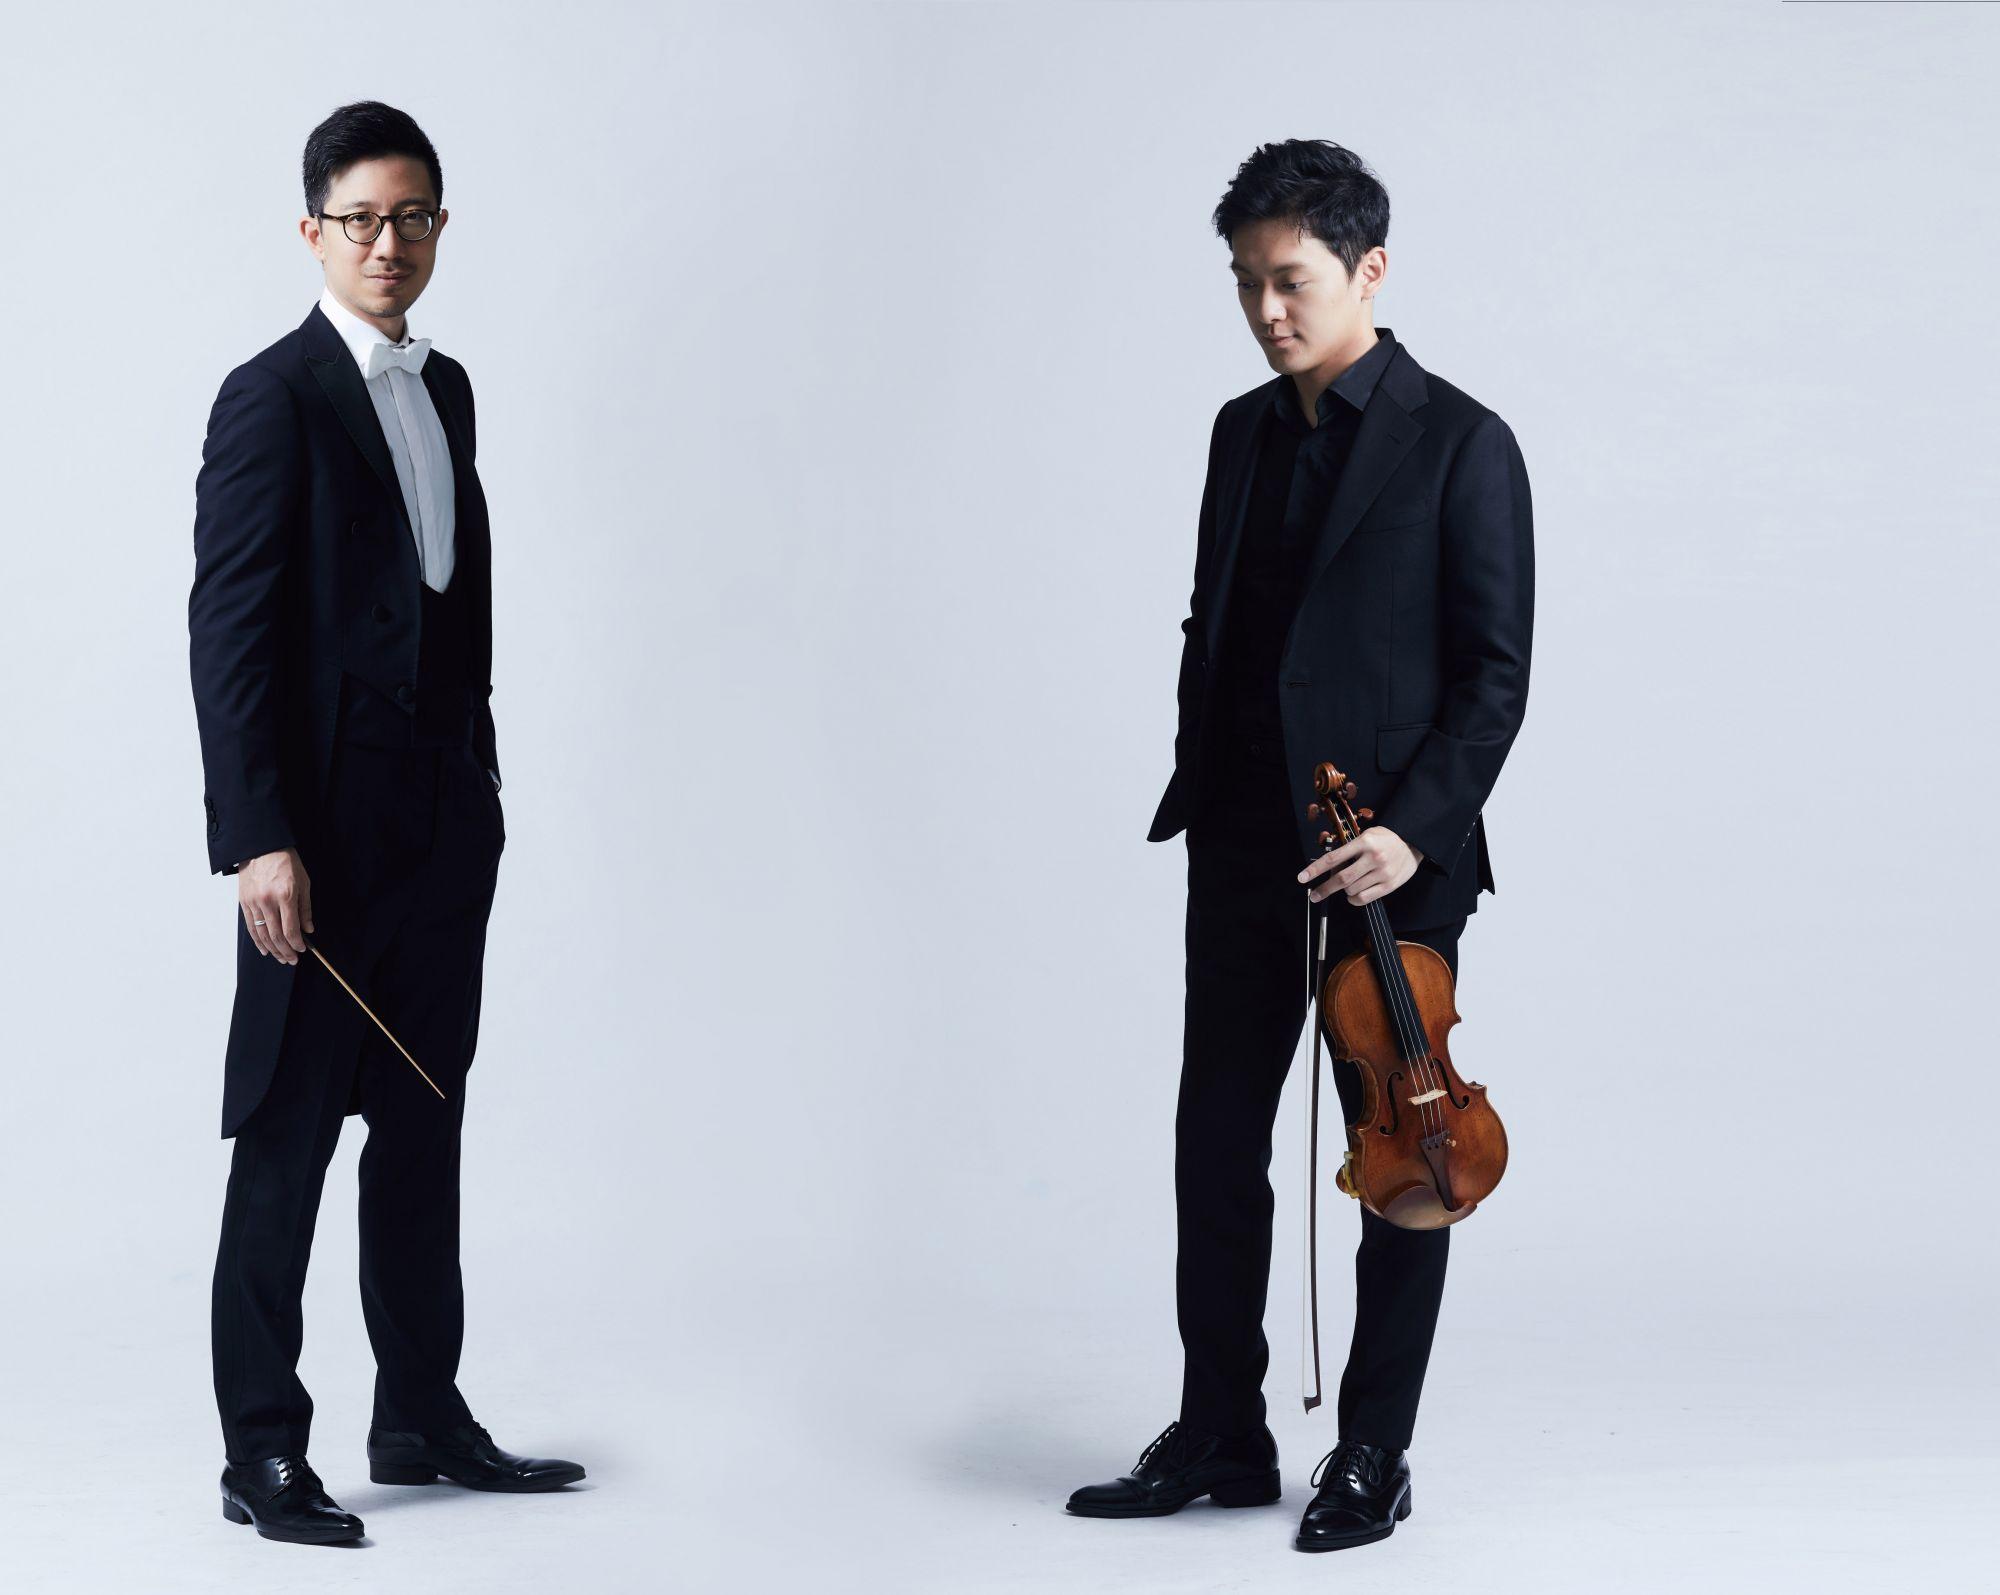 頂尖交鋒!指揮家莊東杰與小提琴家曾宇謙聯手演繹「過耳即永恆」的歷史